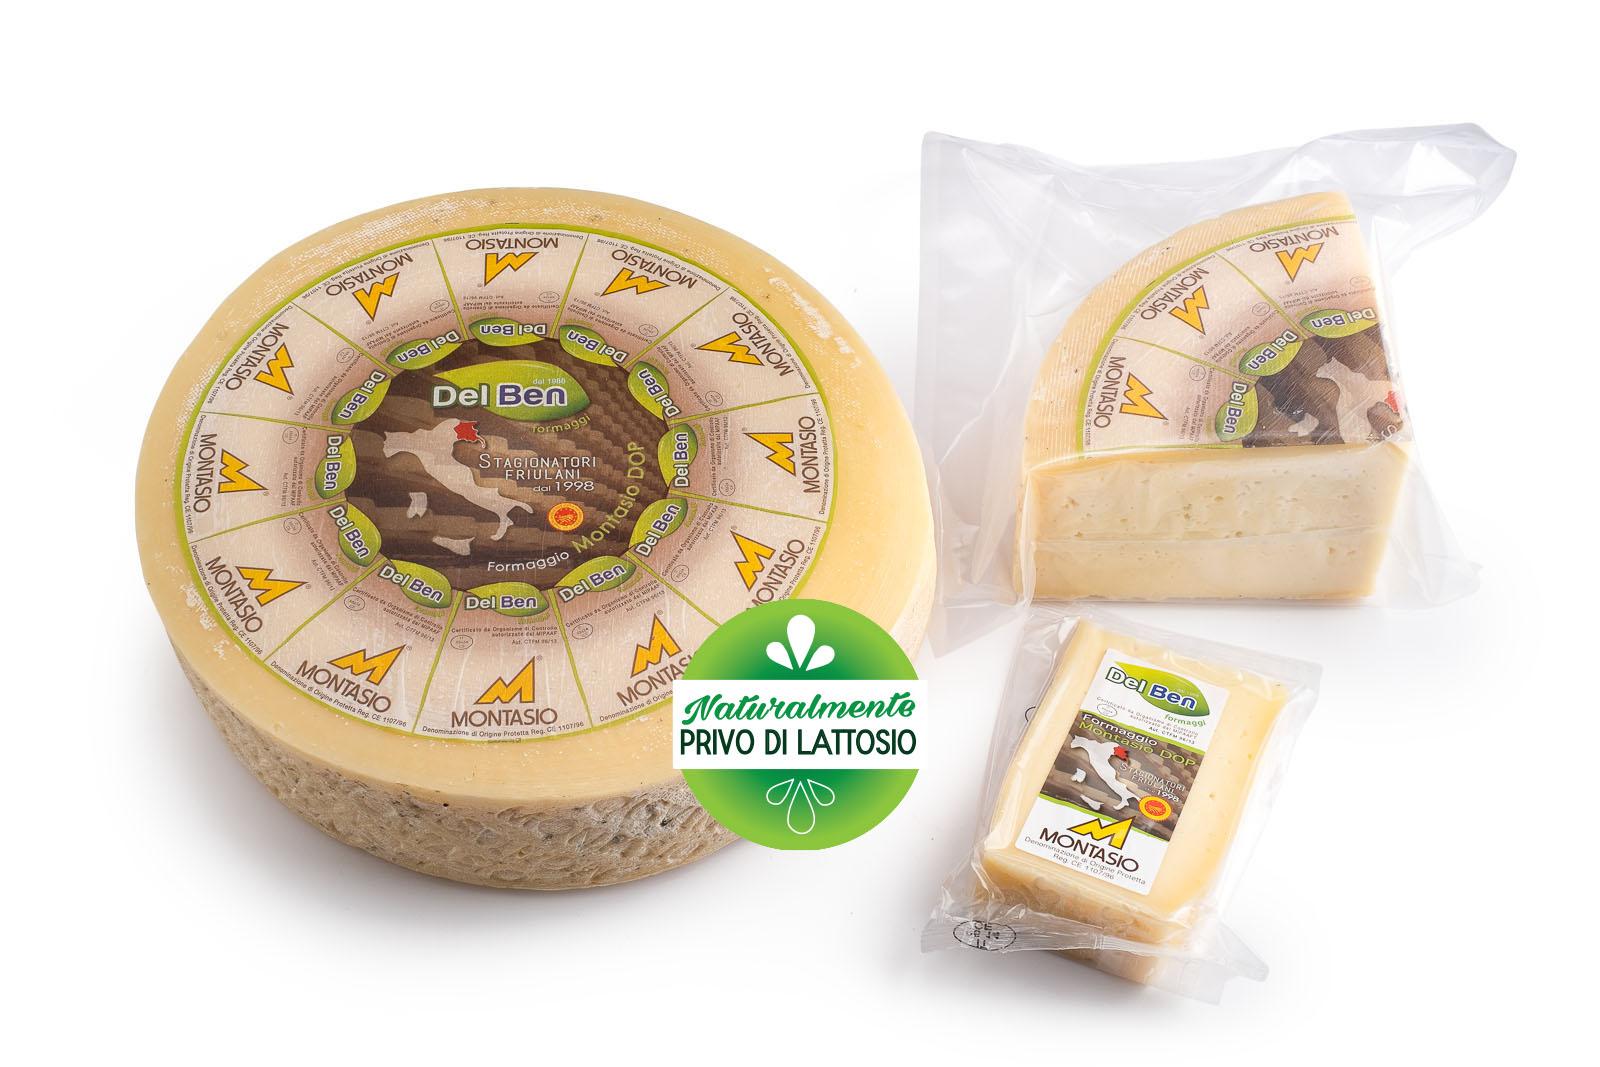 Formaggio - senza lattosio - Montasio fresco - DOP PN casello 208 - Del Ben formaggi